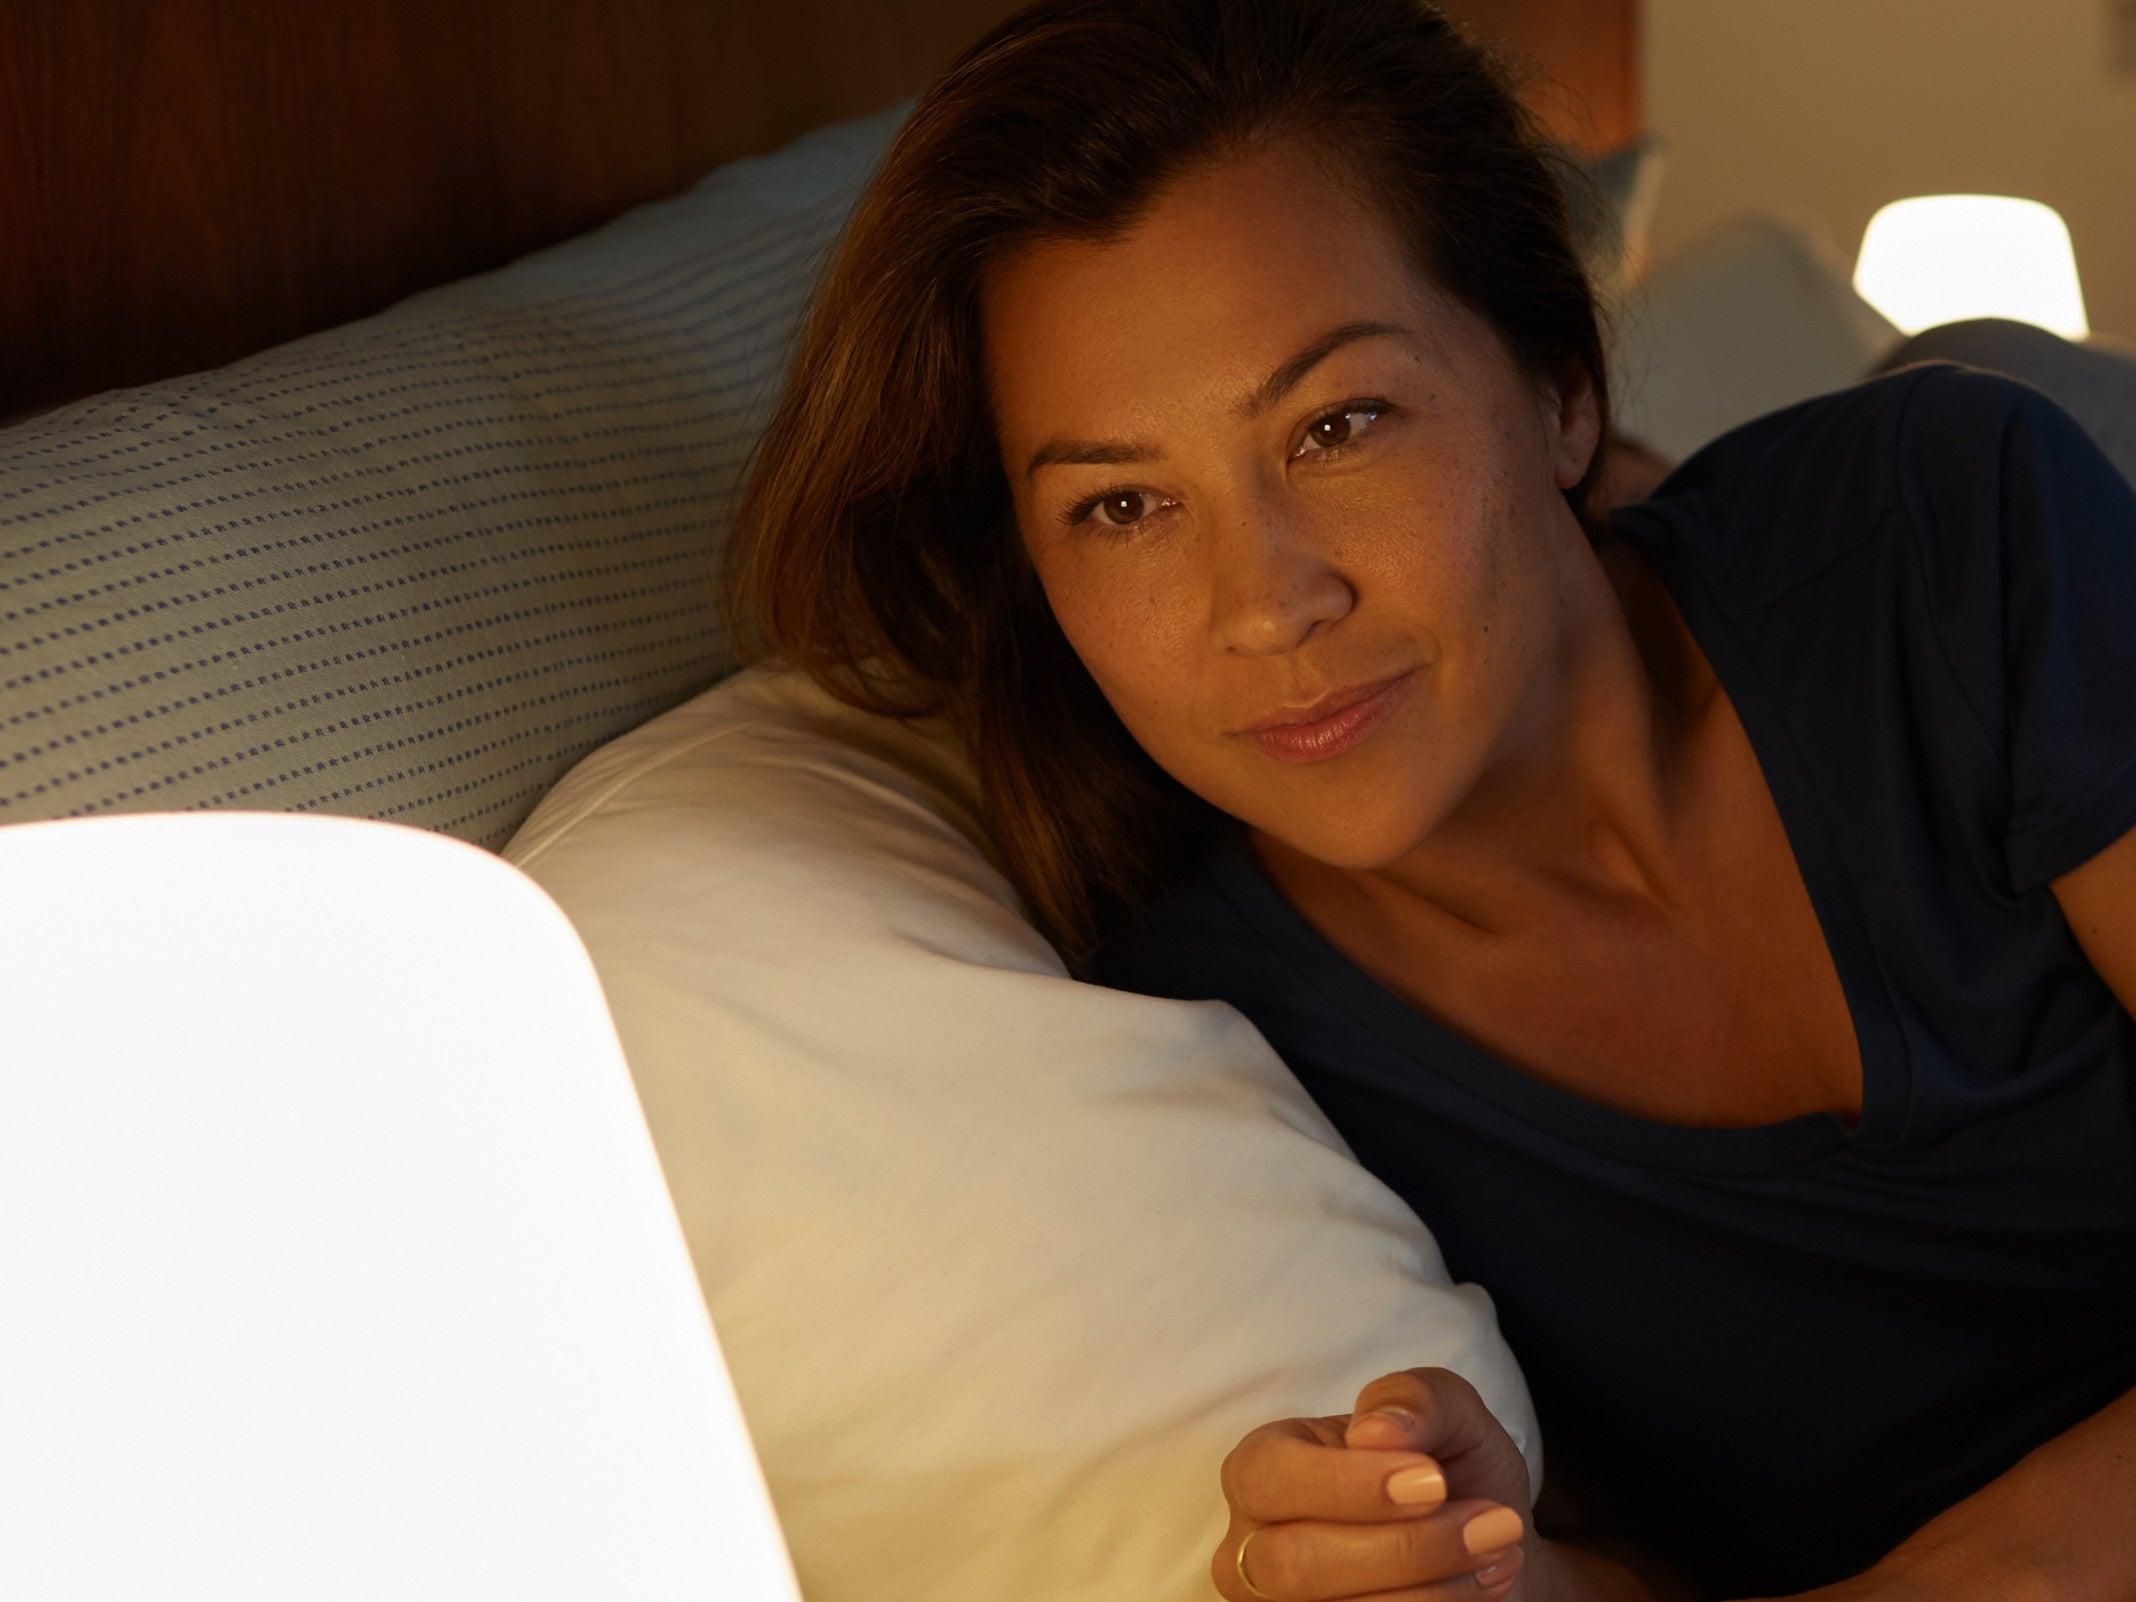 Frau im Bett schaut auf eine smarte Lampe